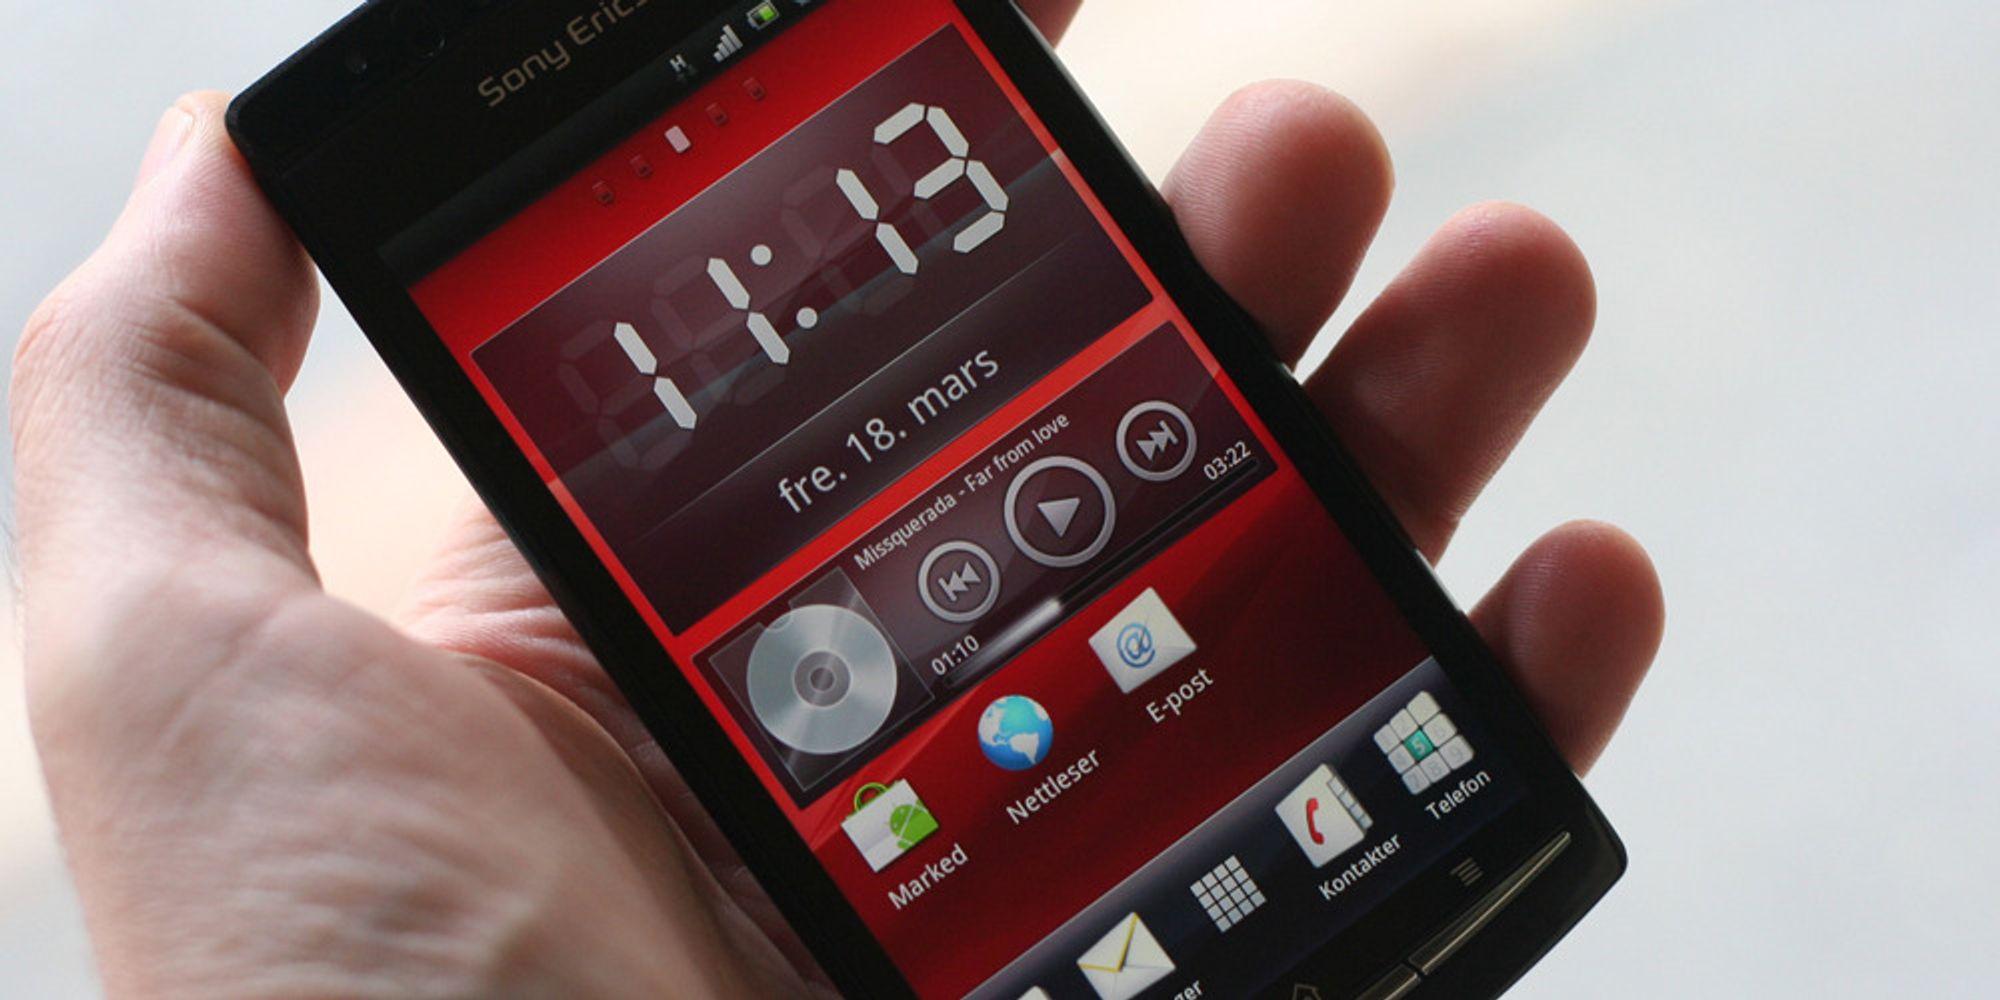 Førsteinntrykk: Sony Ericsson Xperia Arc